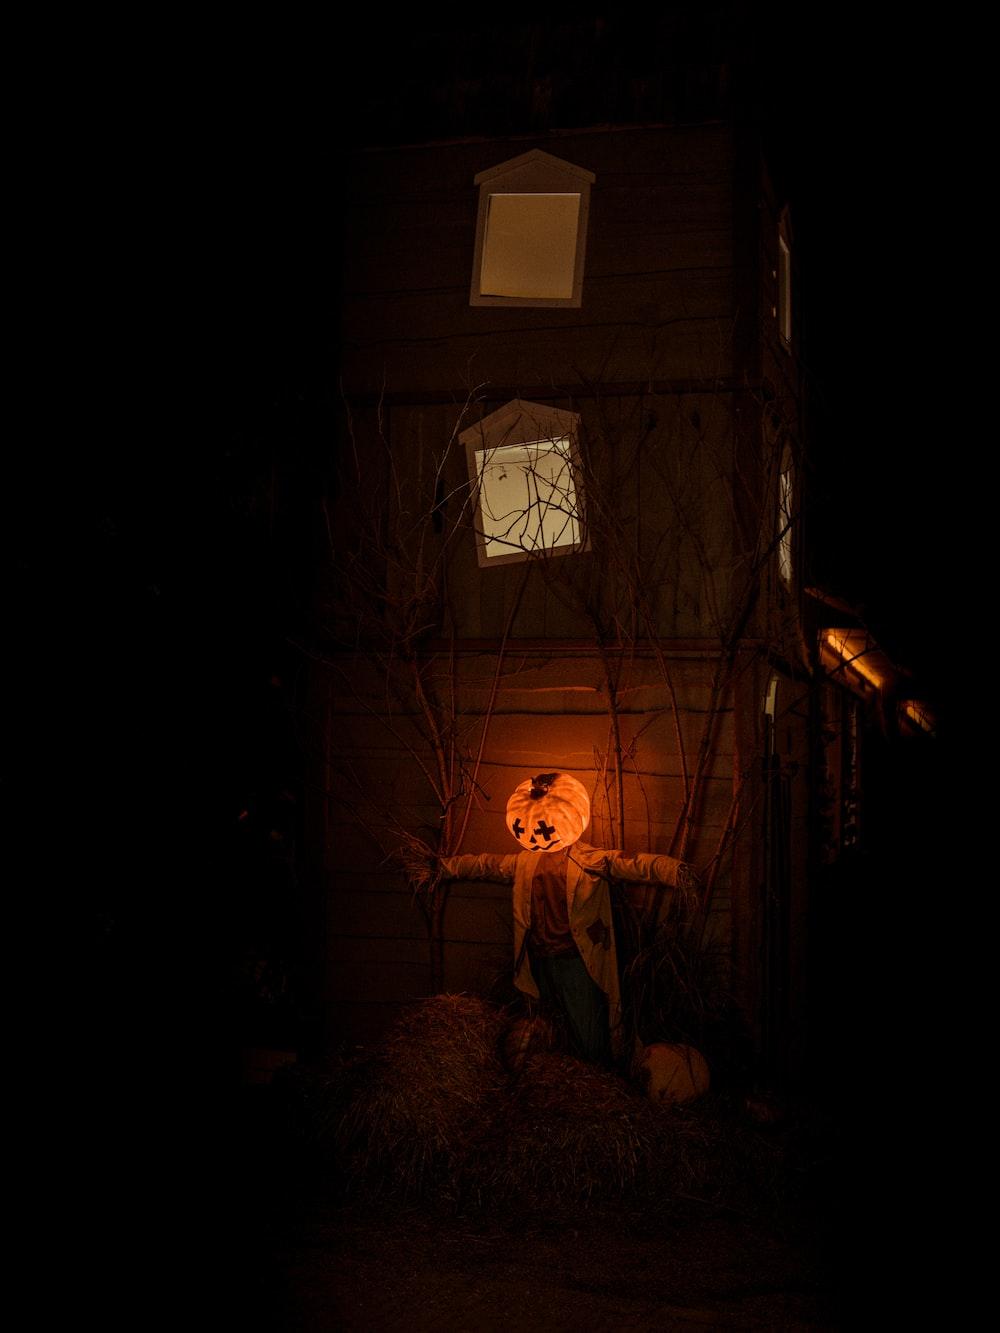 lit Jack-o-lantern decor